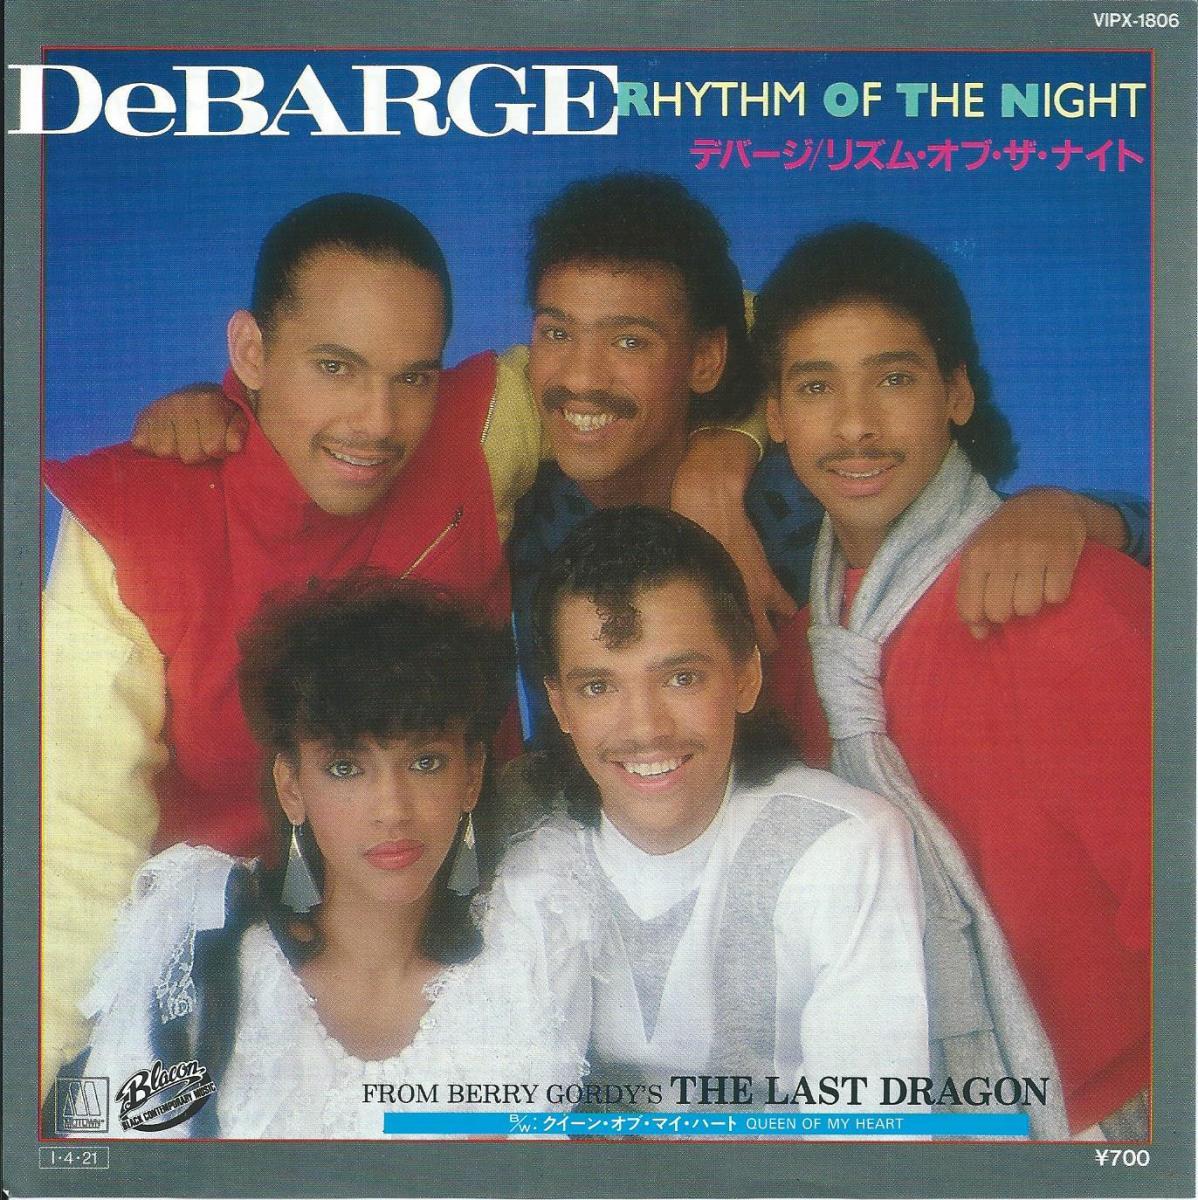 デバージ DEBARGE / リズム・オブ・ザ・ナイト RHYTHM OF THE NIGHT (7